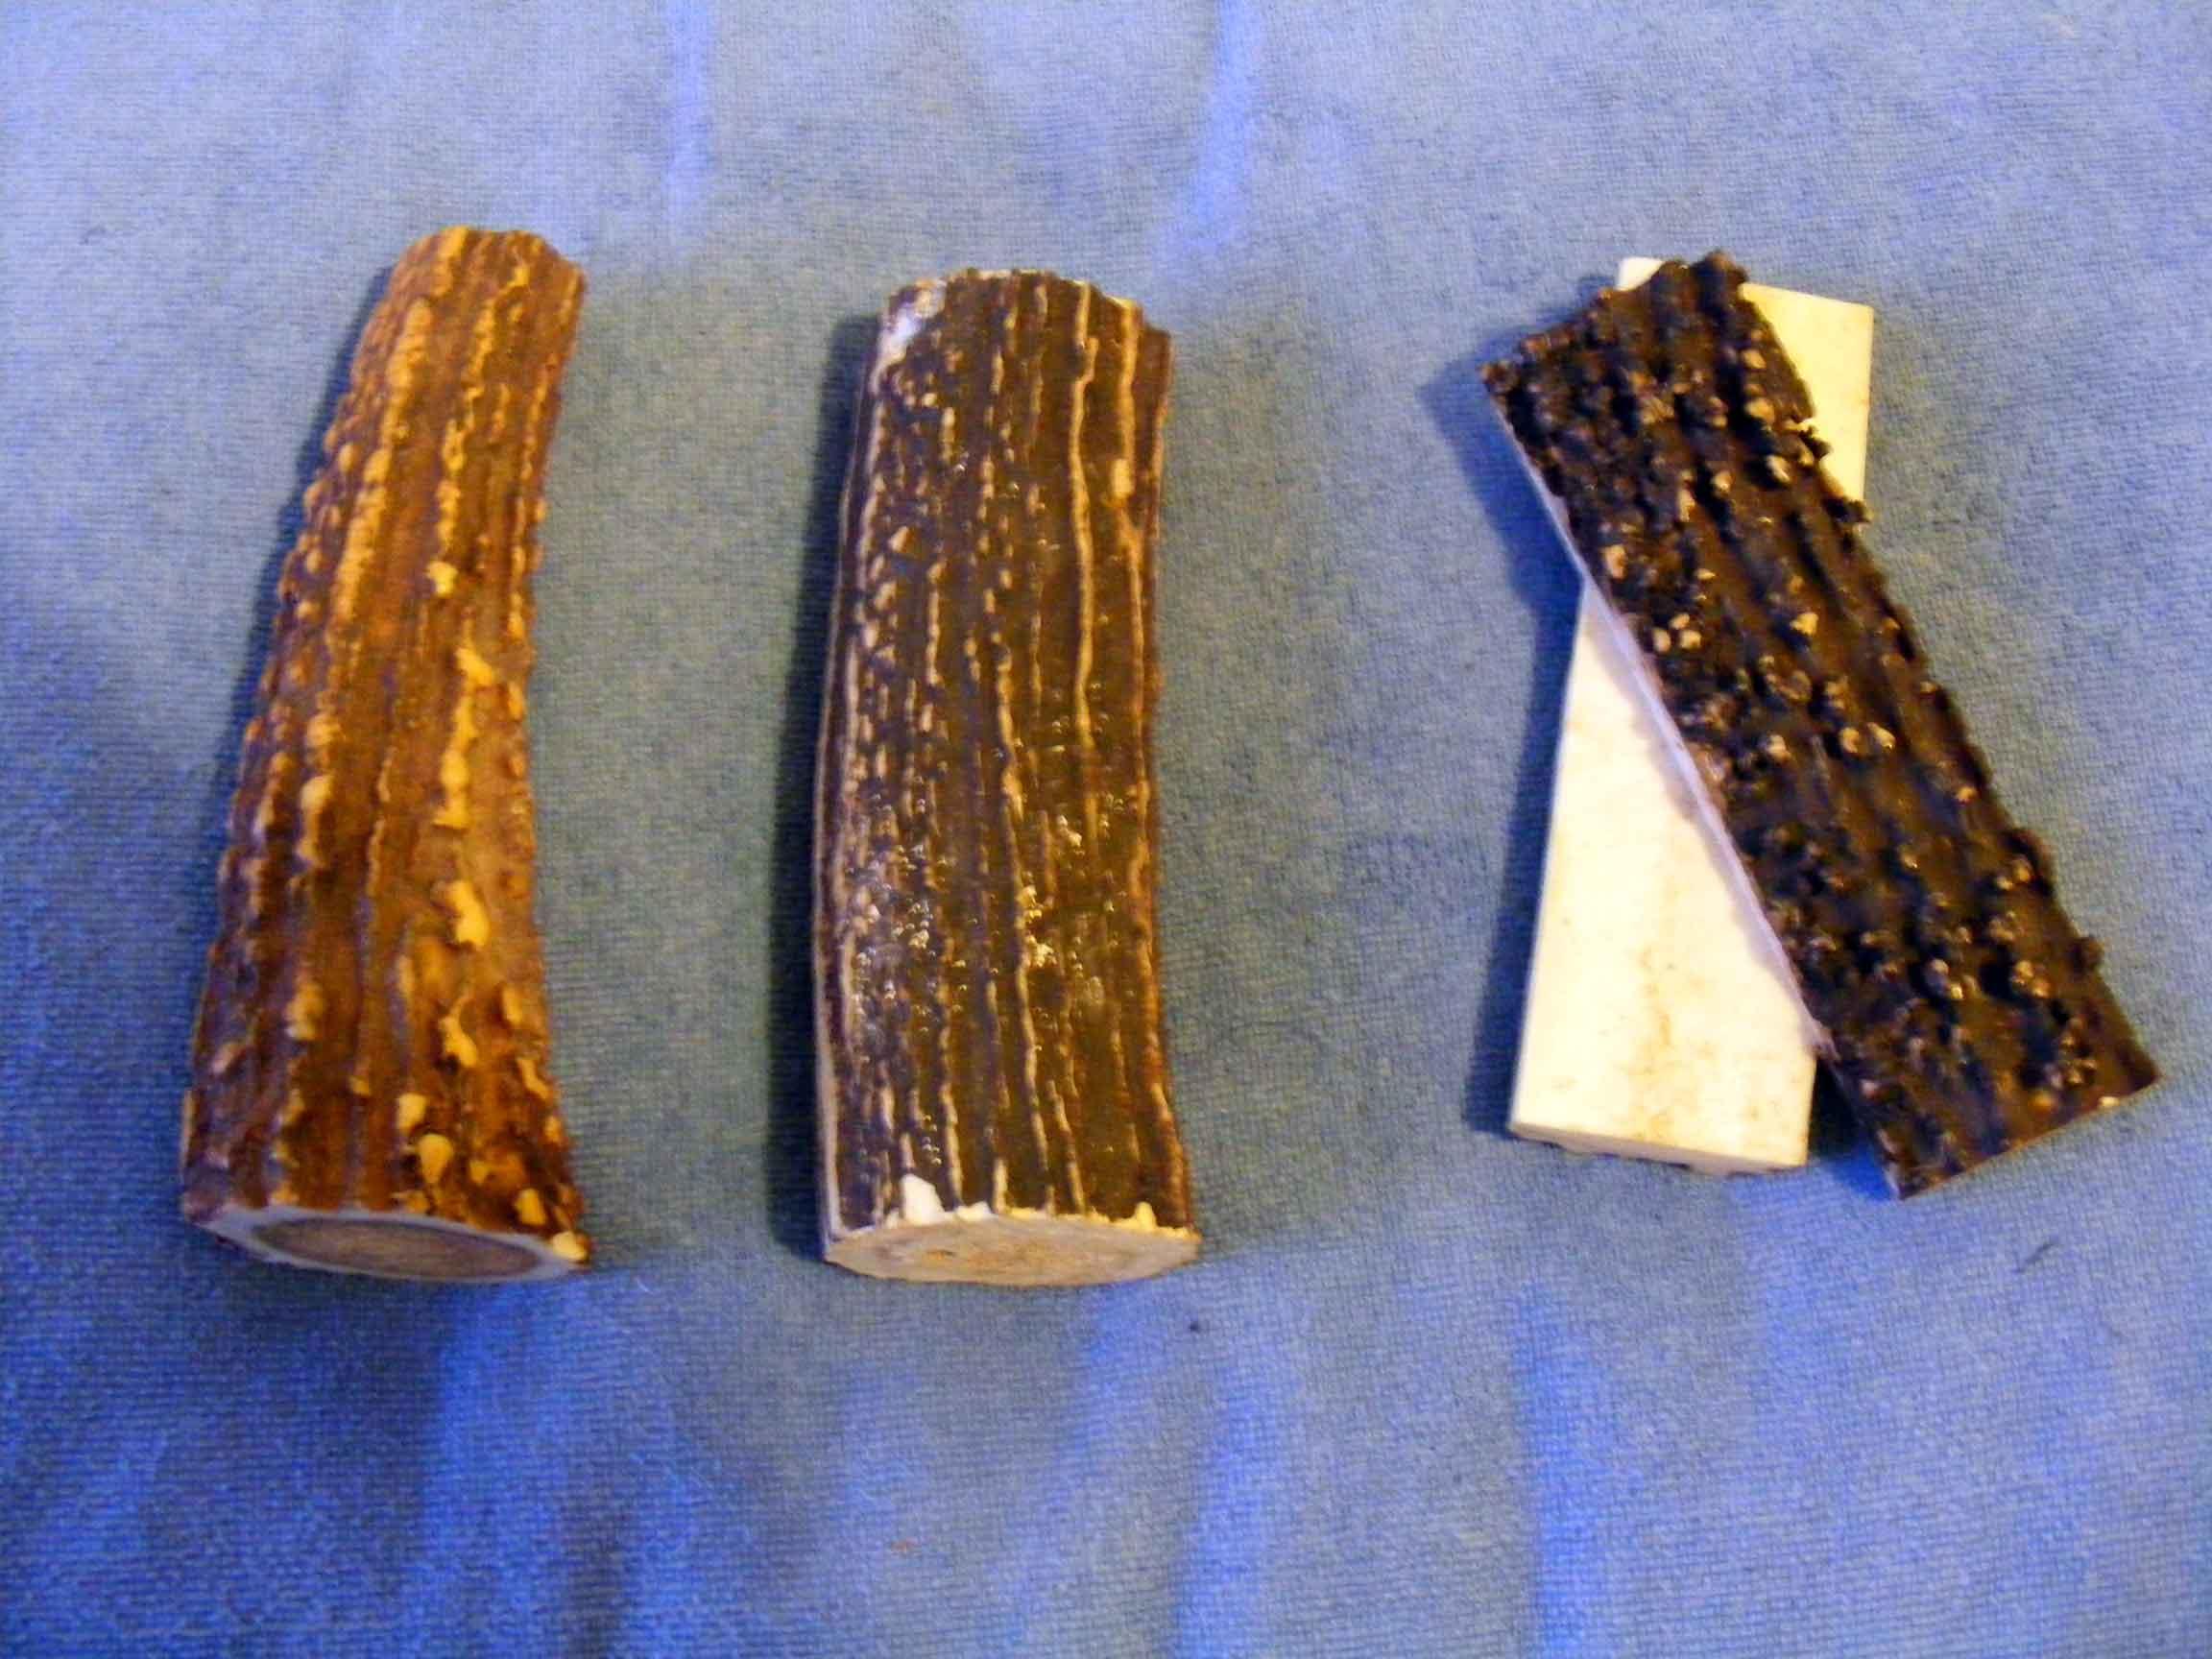 Ragweed Forge Knife Ragnar 39 s Ragweed Forge